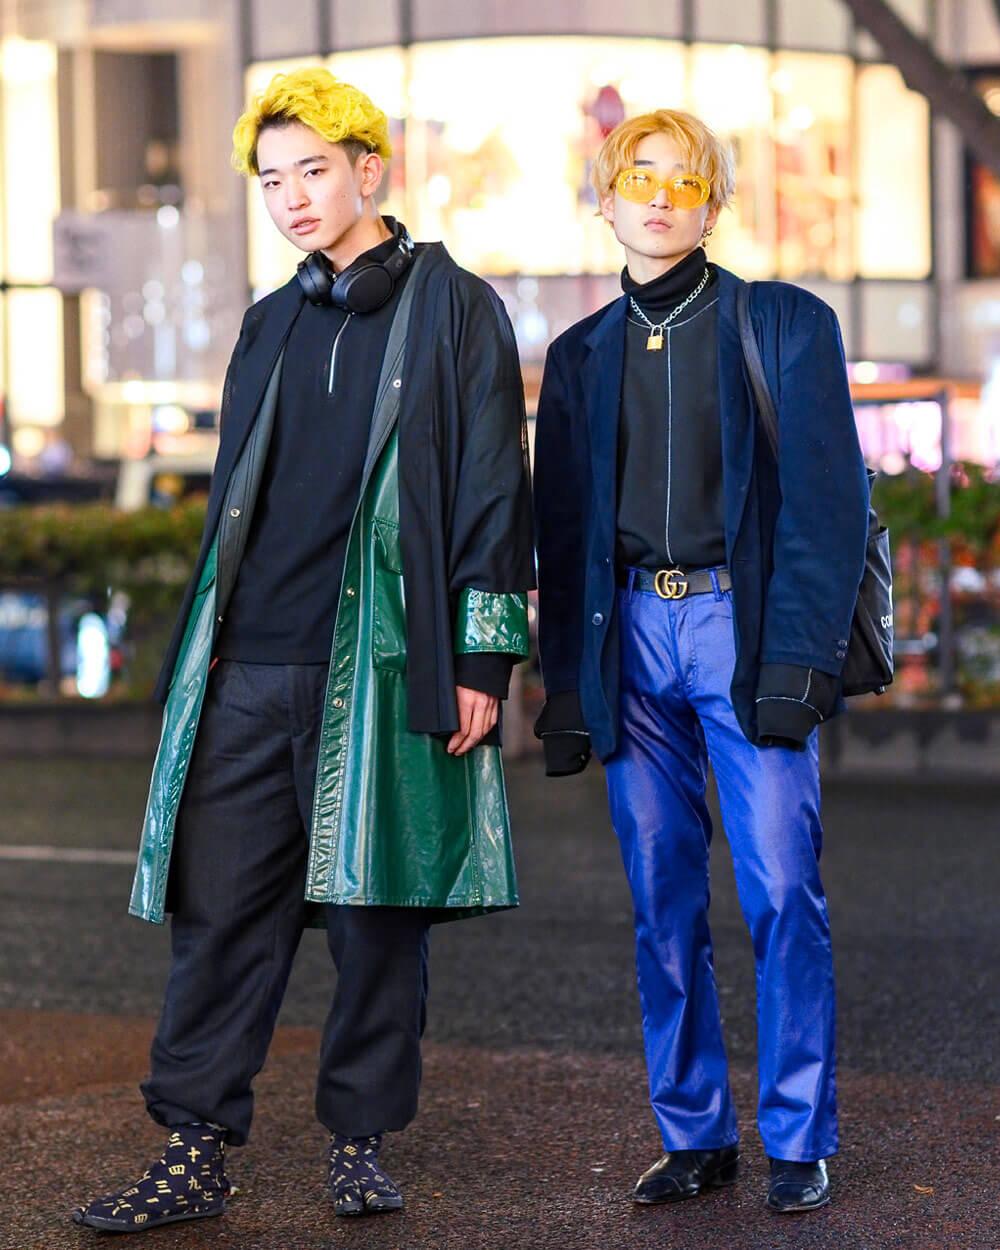 Sou Sou Kyoto streetwear